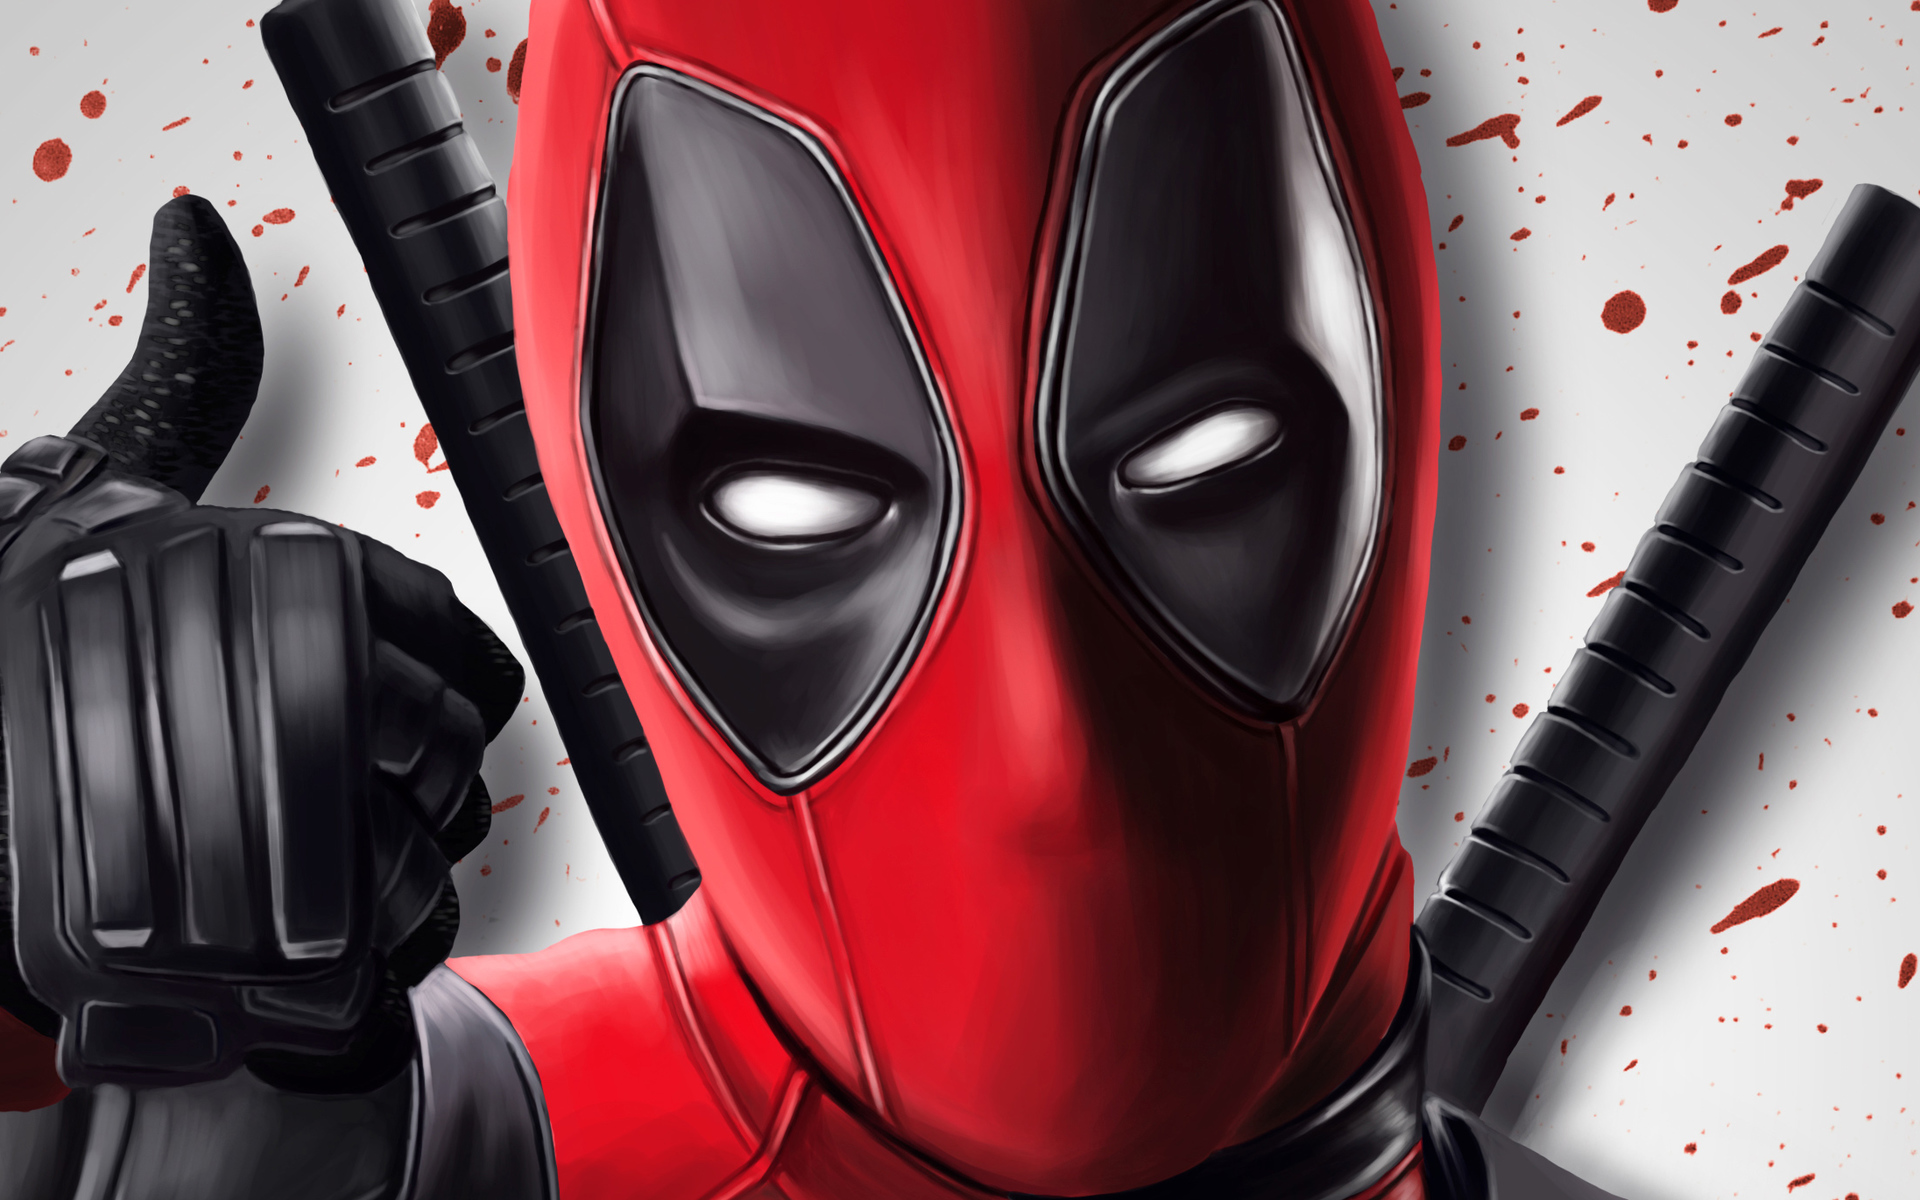 Deadpool Thumb Up Artwork Superheroes Marvel Comics Deadpool Portrait Wallpaper Hd 502061 Hd Wallpaper Backgrounds Download